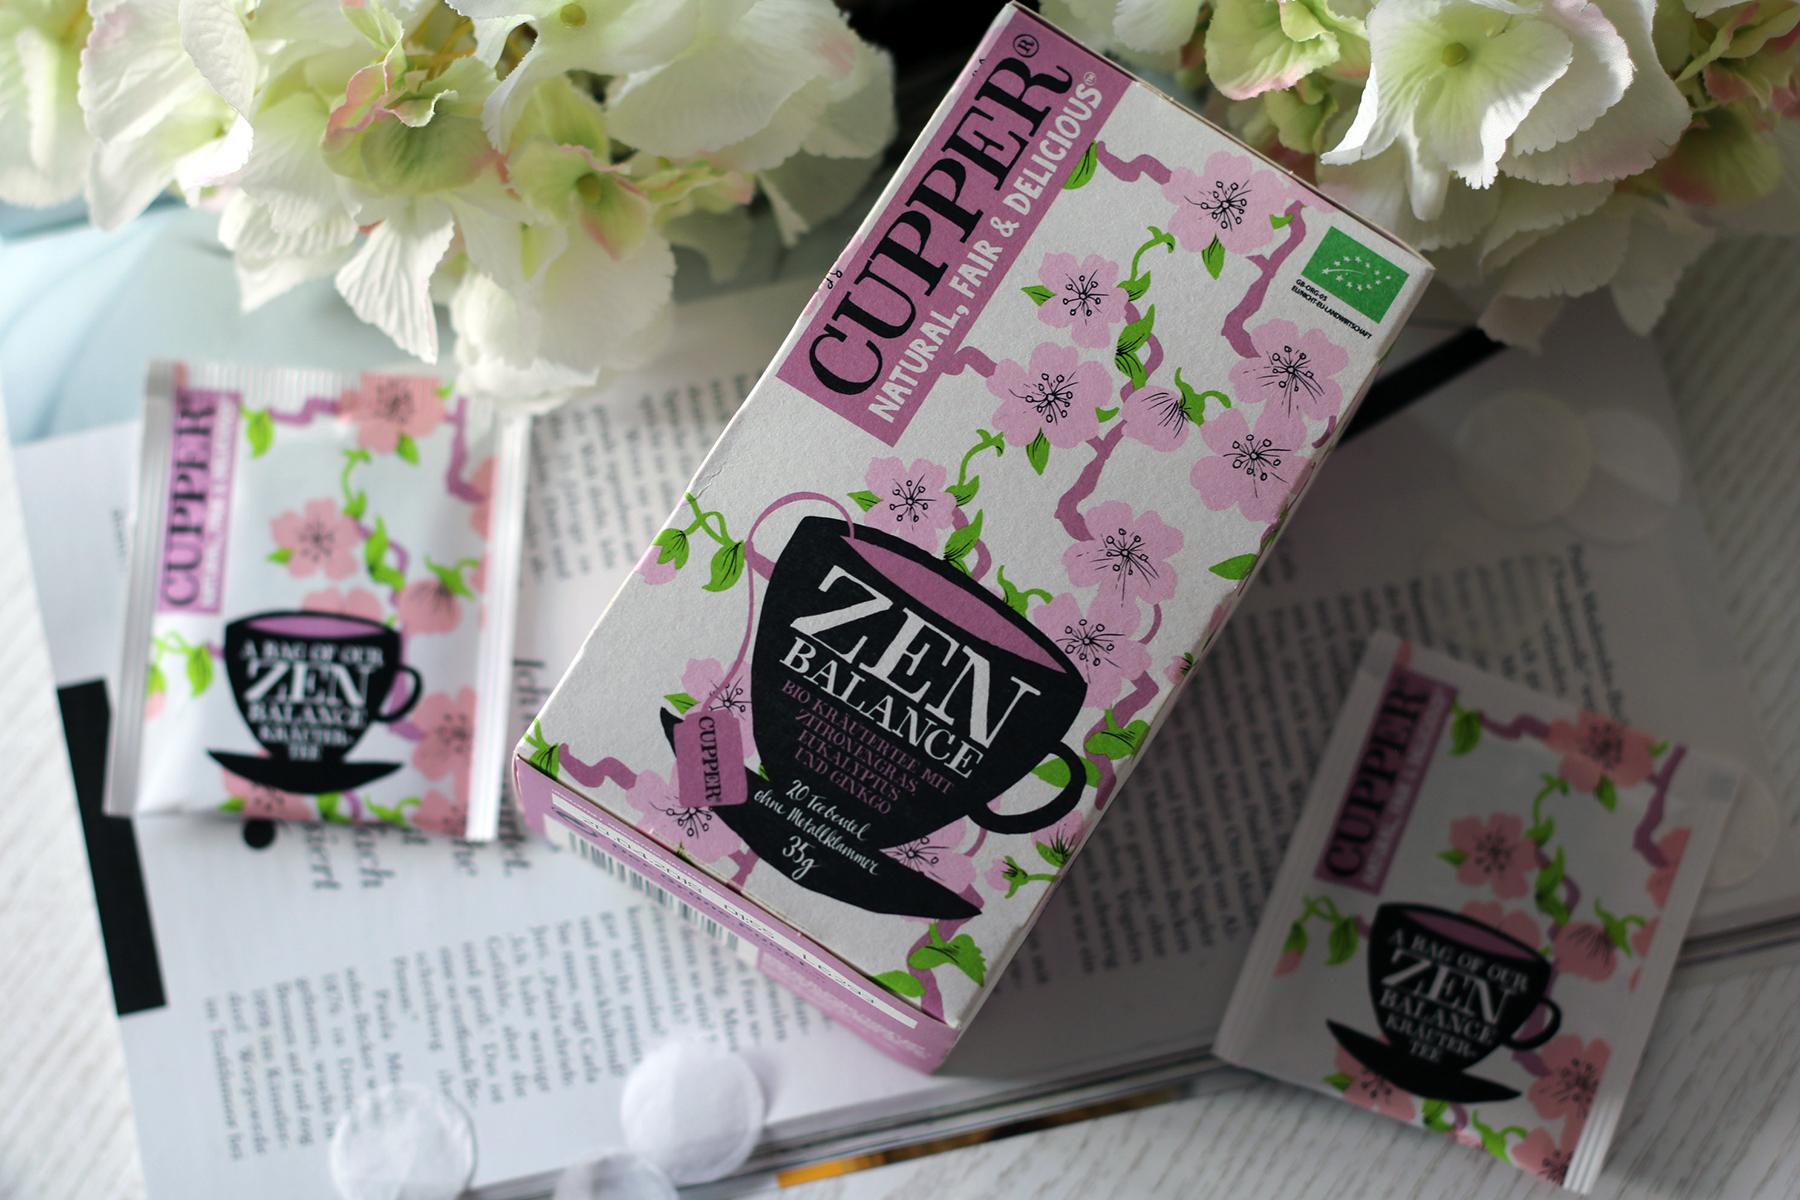 cupper-tea-post-auszeit-modeblog-fashionblog-tipps-ruhe-gönnen-seit-für-sich3